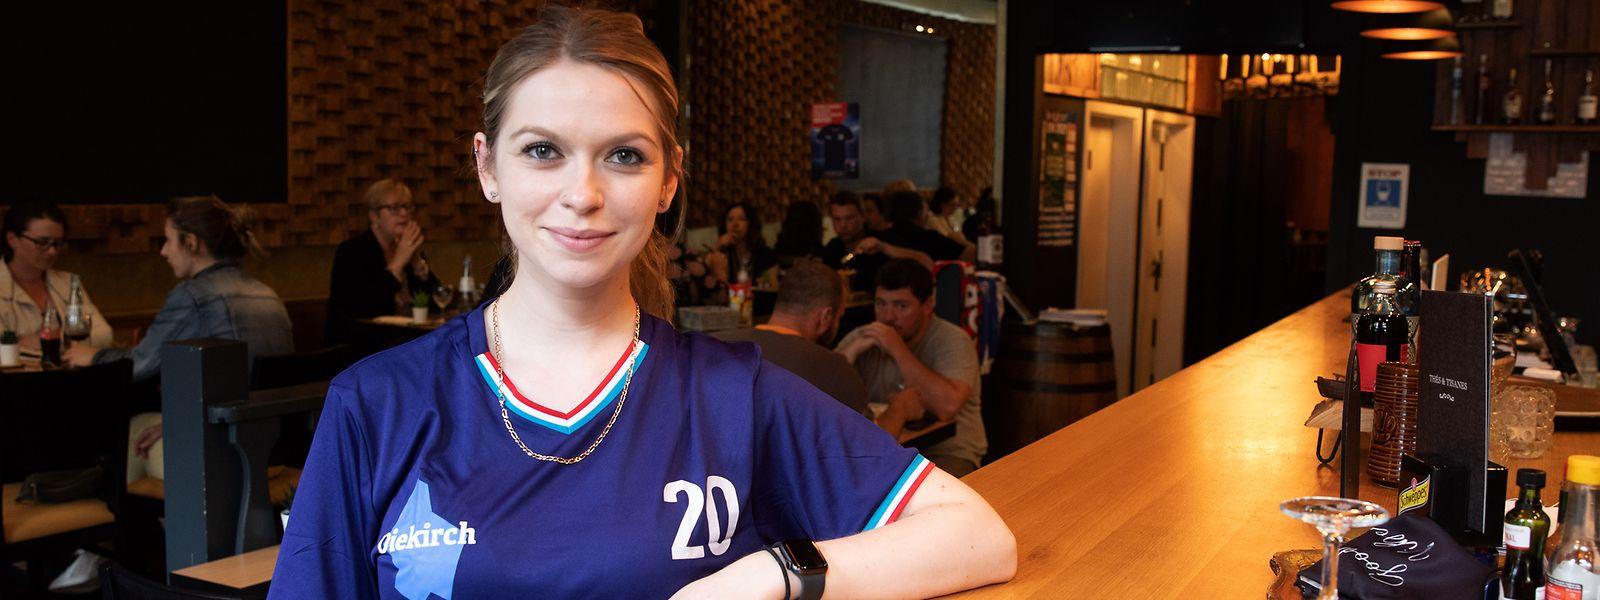 Laura Caudal begrüßt zwar wieder mehr Gäste in der Fußballkneipe Le Seppl, aber die wahren Gewinner der EM sind die Supermärkte.